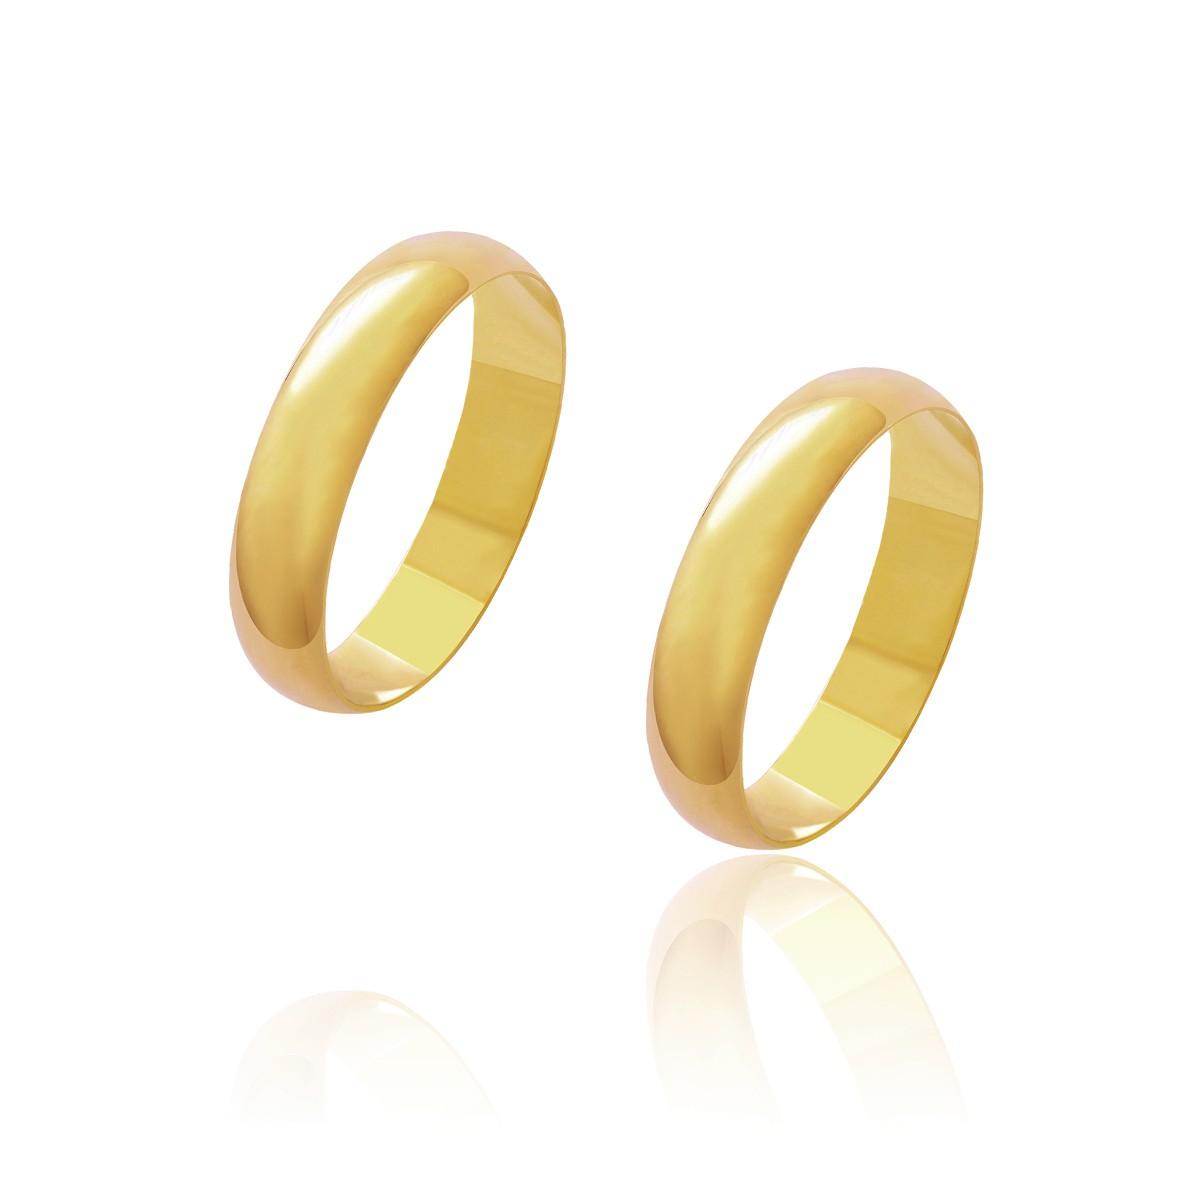 Par de Alianças de Casamento Diana Ouro Abaulada Lisa 4,5mm 3.5g